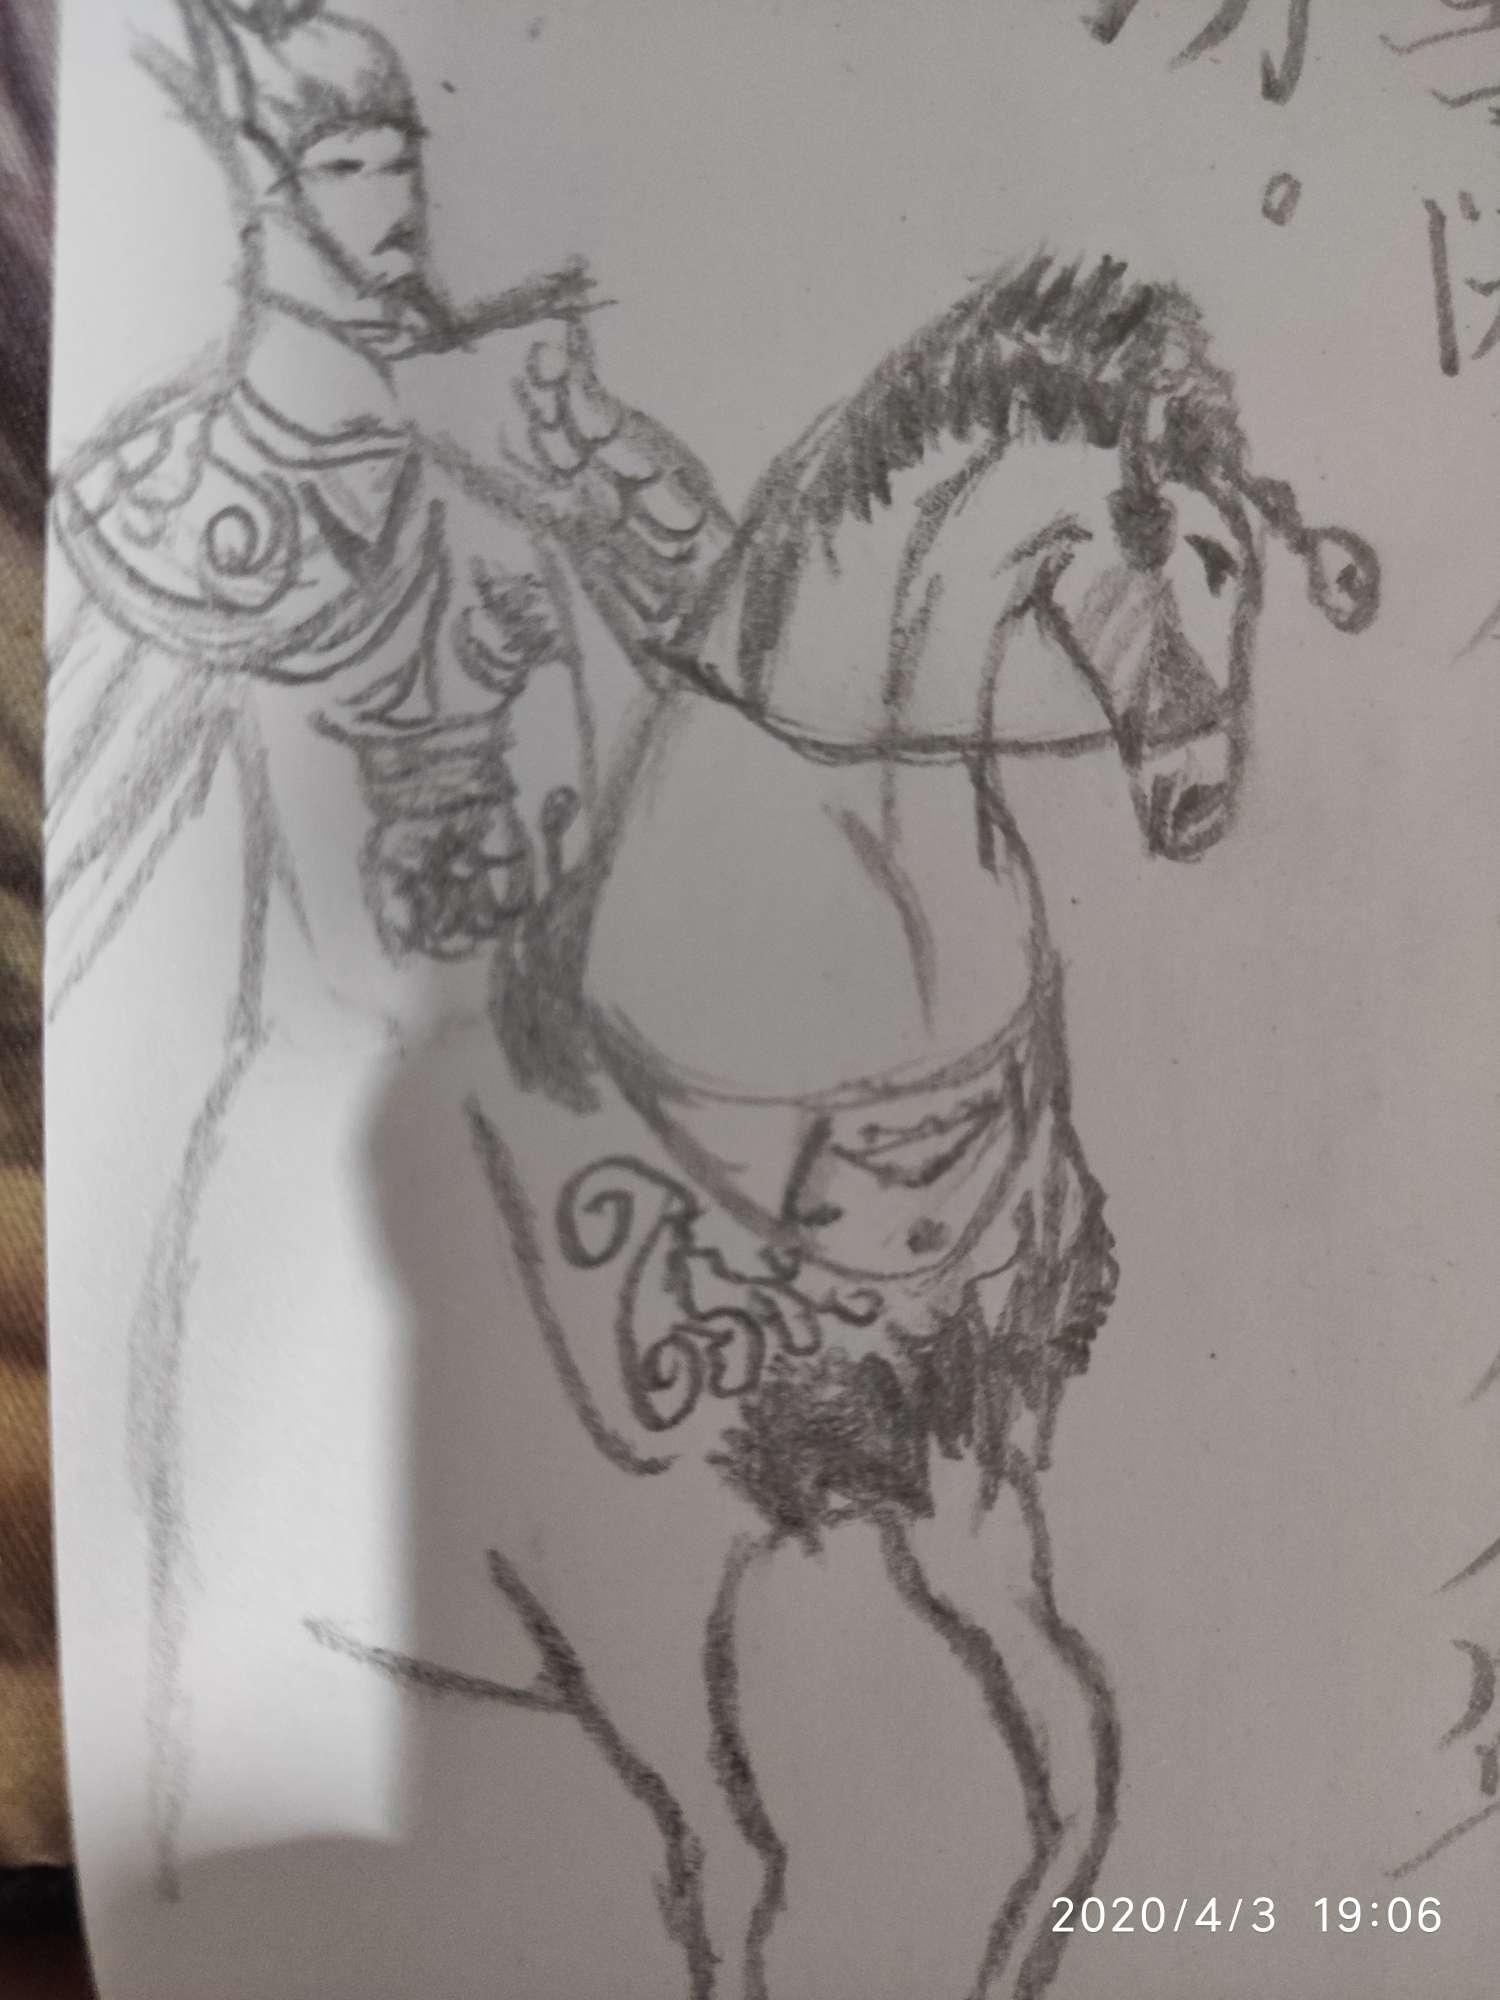 【手绘】有人说我字写的好,我试着写了一下,哈哈,果然不行